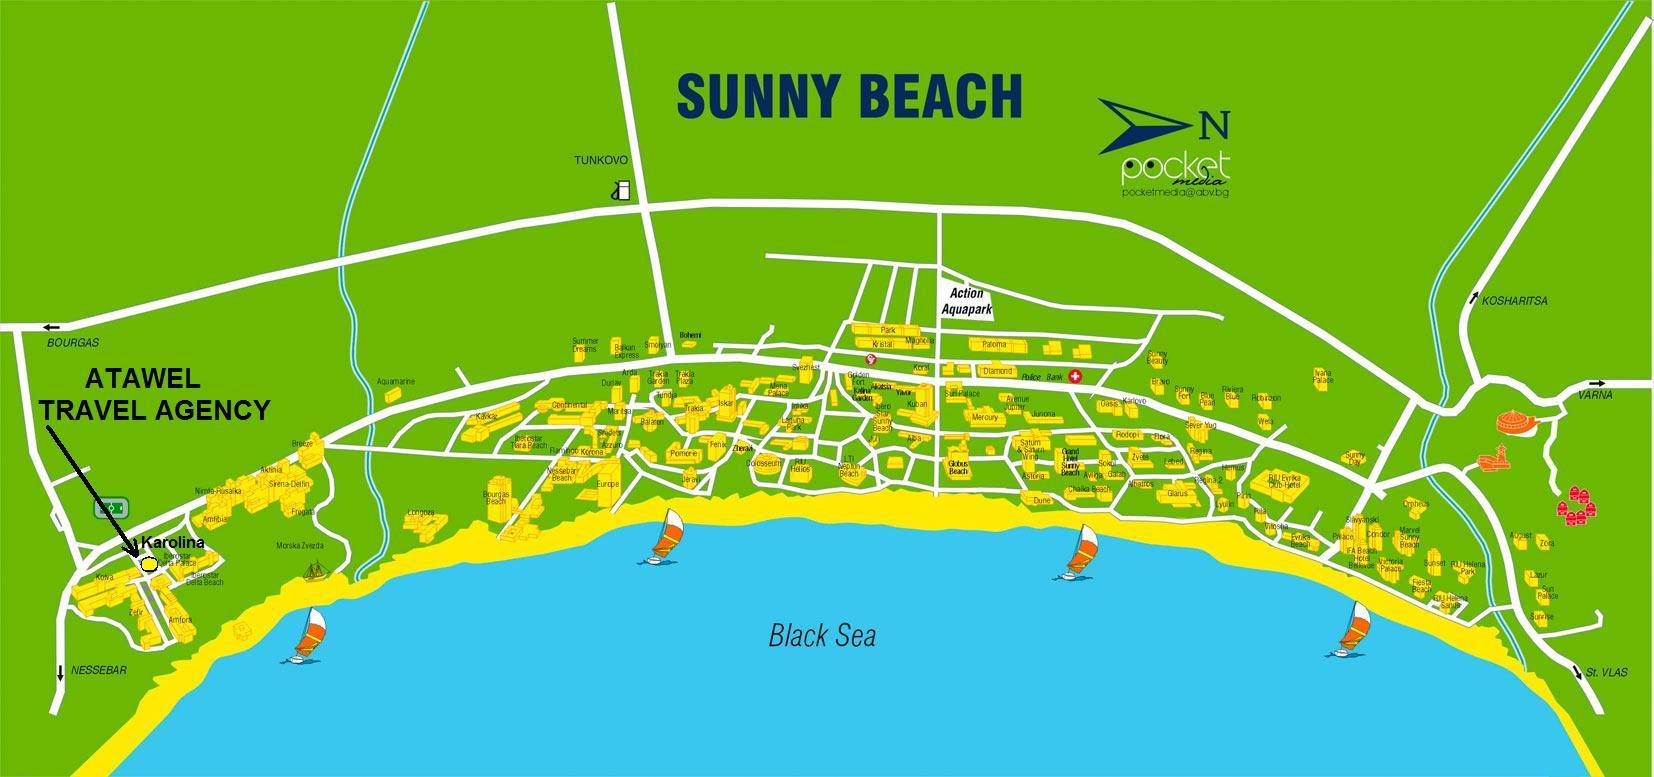 map of bulgaria sunny beach Bulgaria Map Sunny Beach Map Bulgaria Sunny Beach Eastern map of bulgaria sunny beach